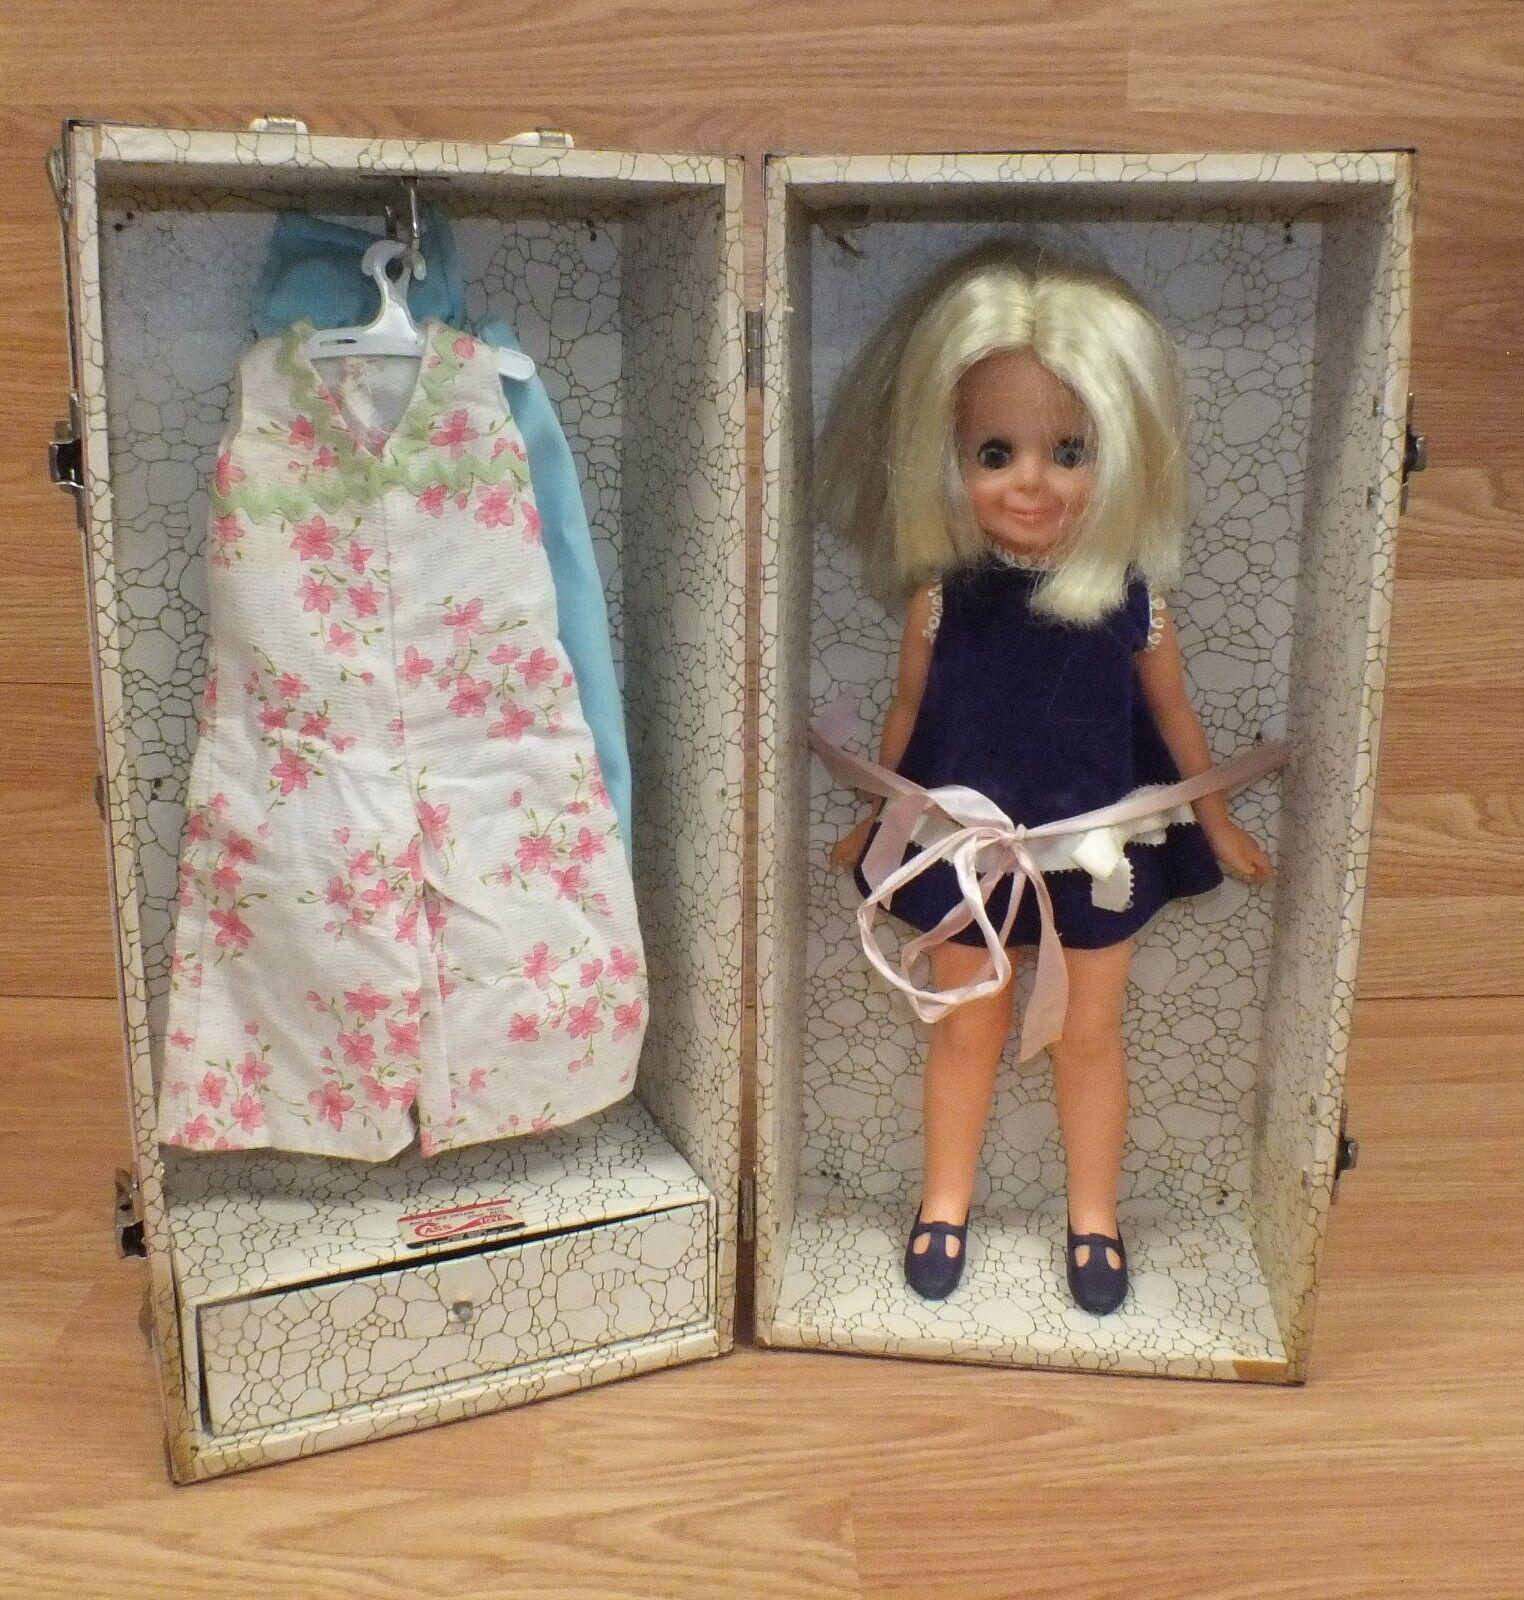 garantizado Vintage Cass Juguetes 76th Año Osito pecho pecho pecho con 1969 Juguete Ideal en crecimiento de pelo de muñeca  bajo precio